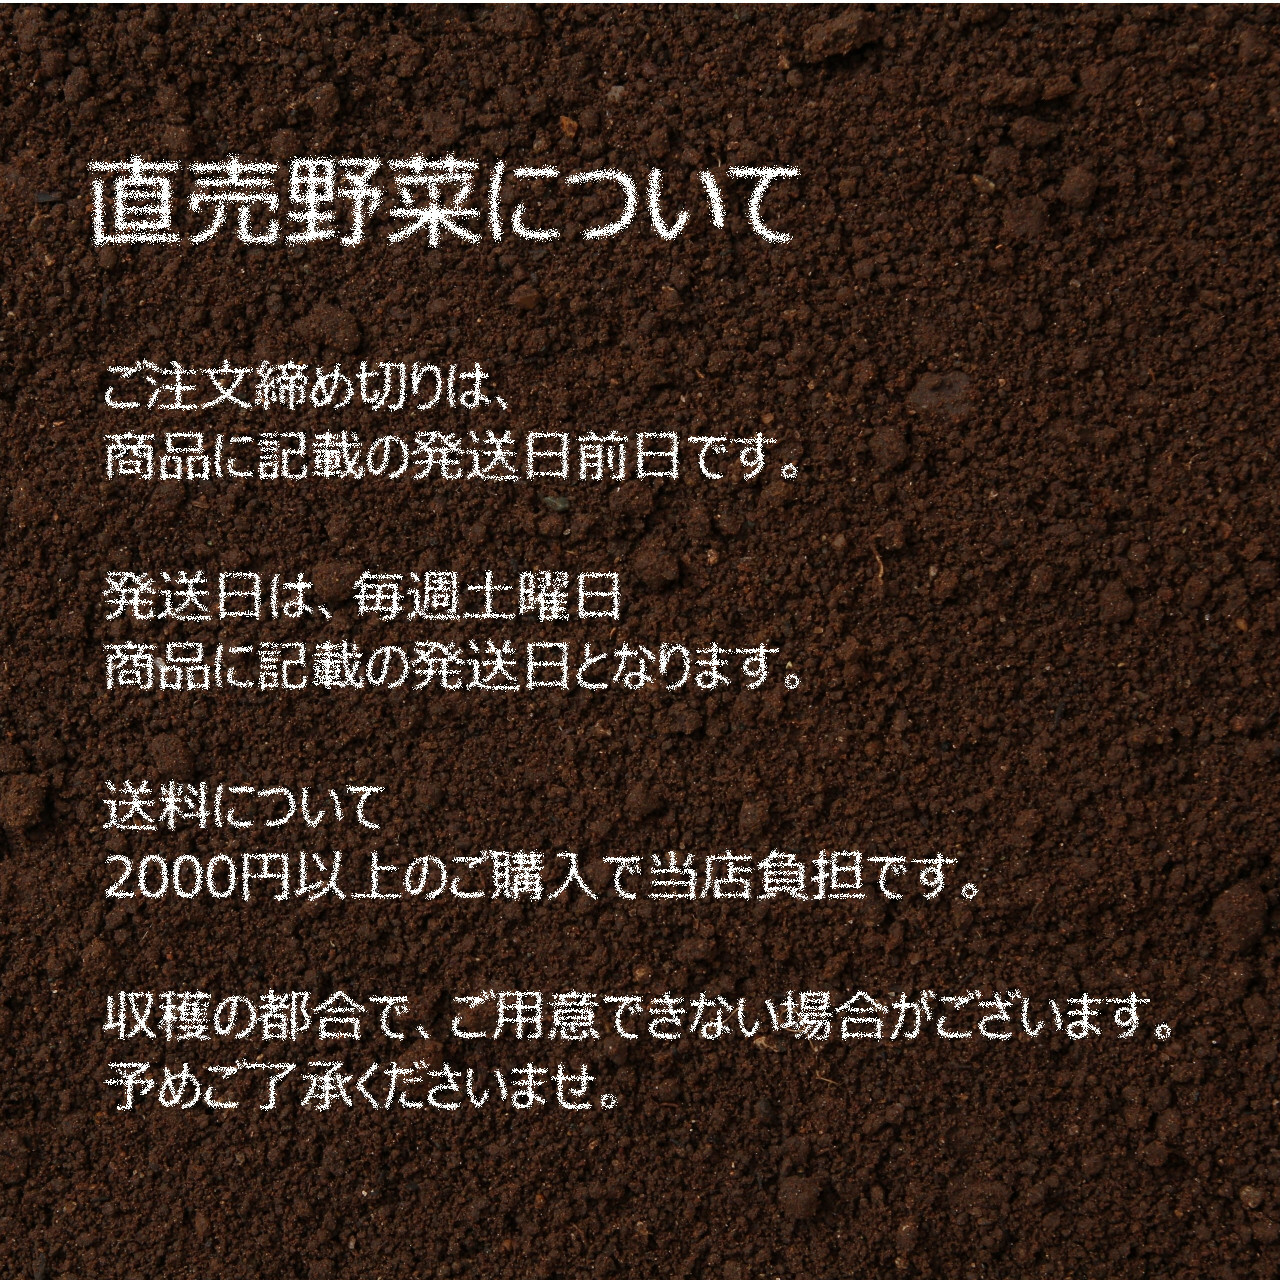 朝採り直売野菜 葉わさび 約80g前後 新鮮な春野菜 4月24日発送予定